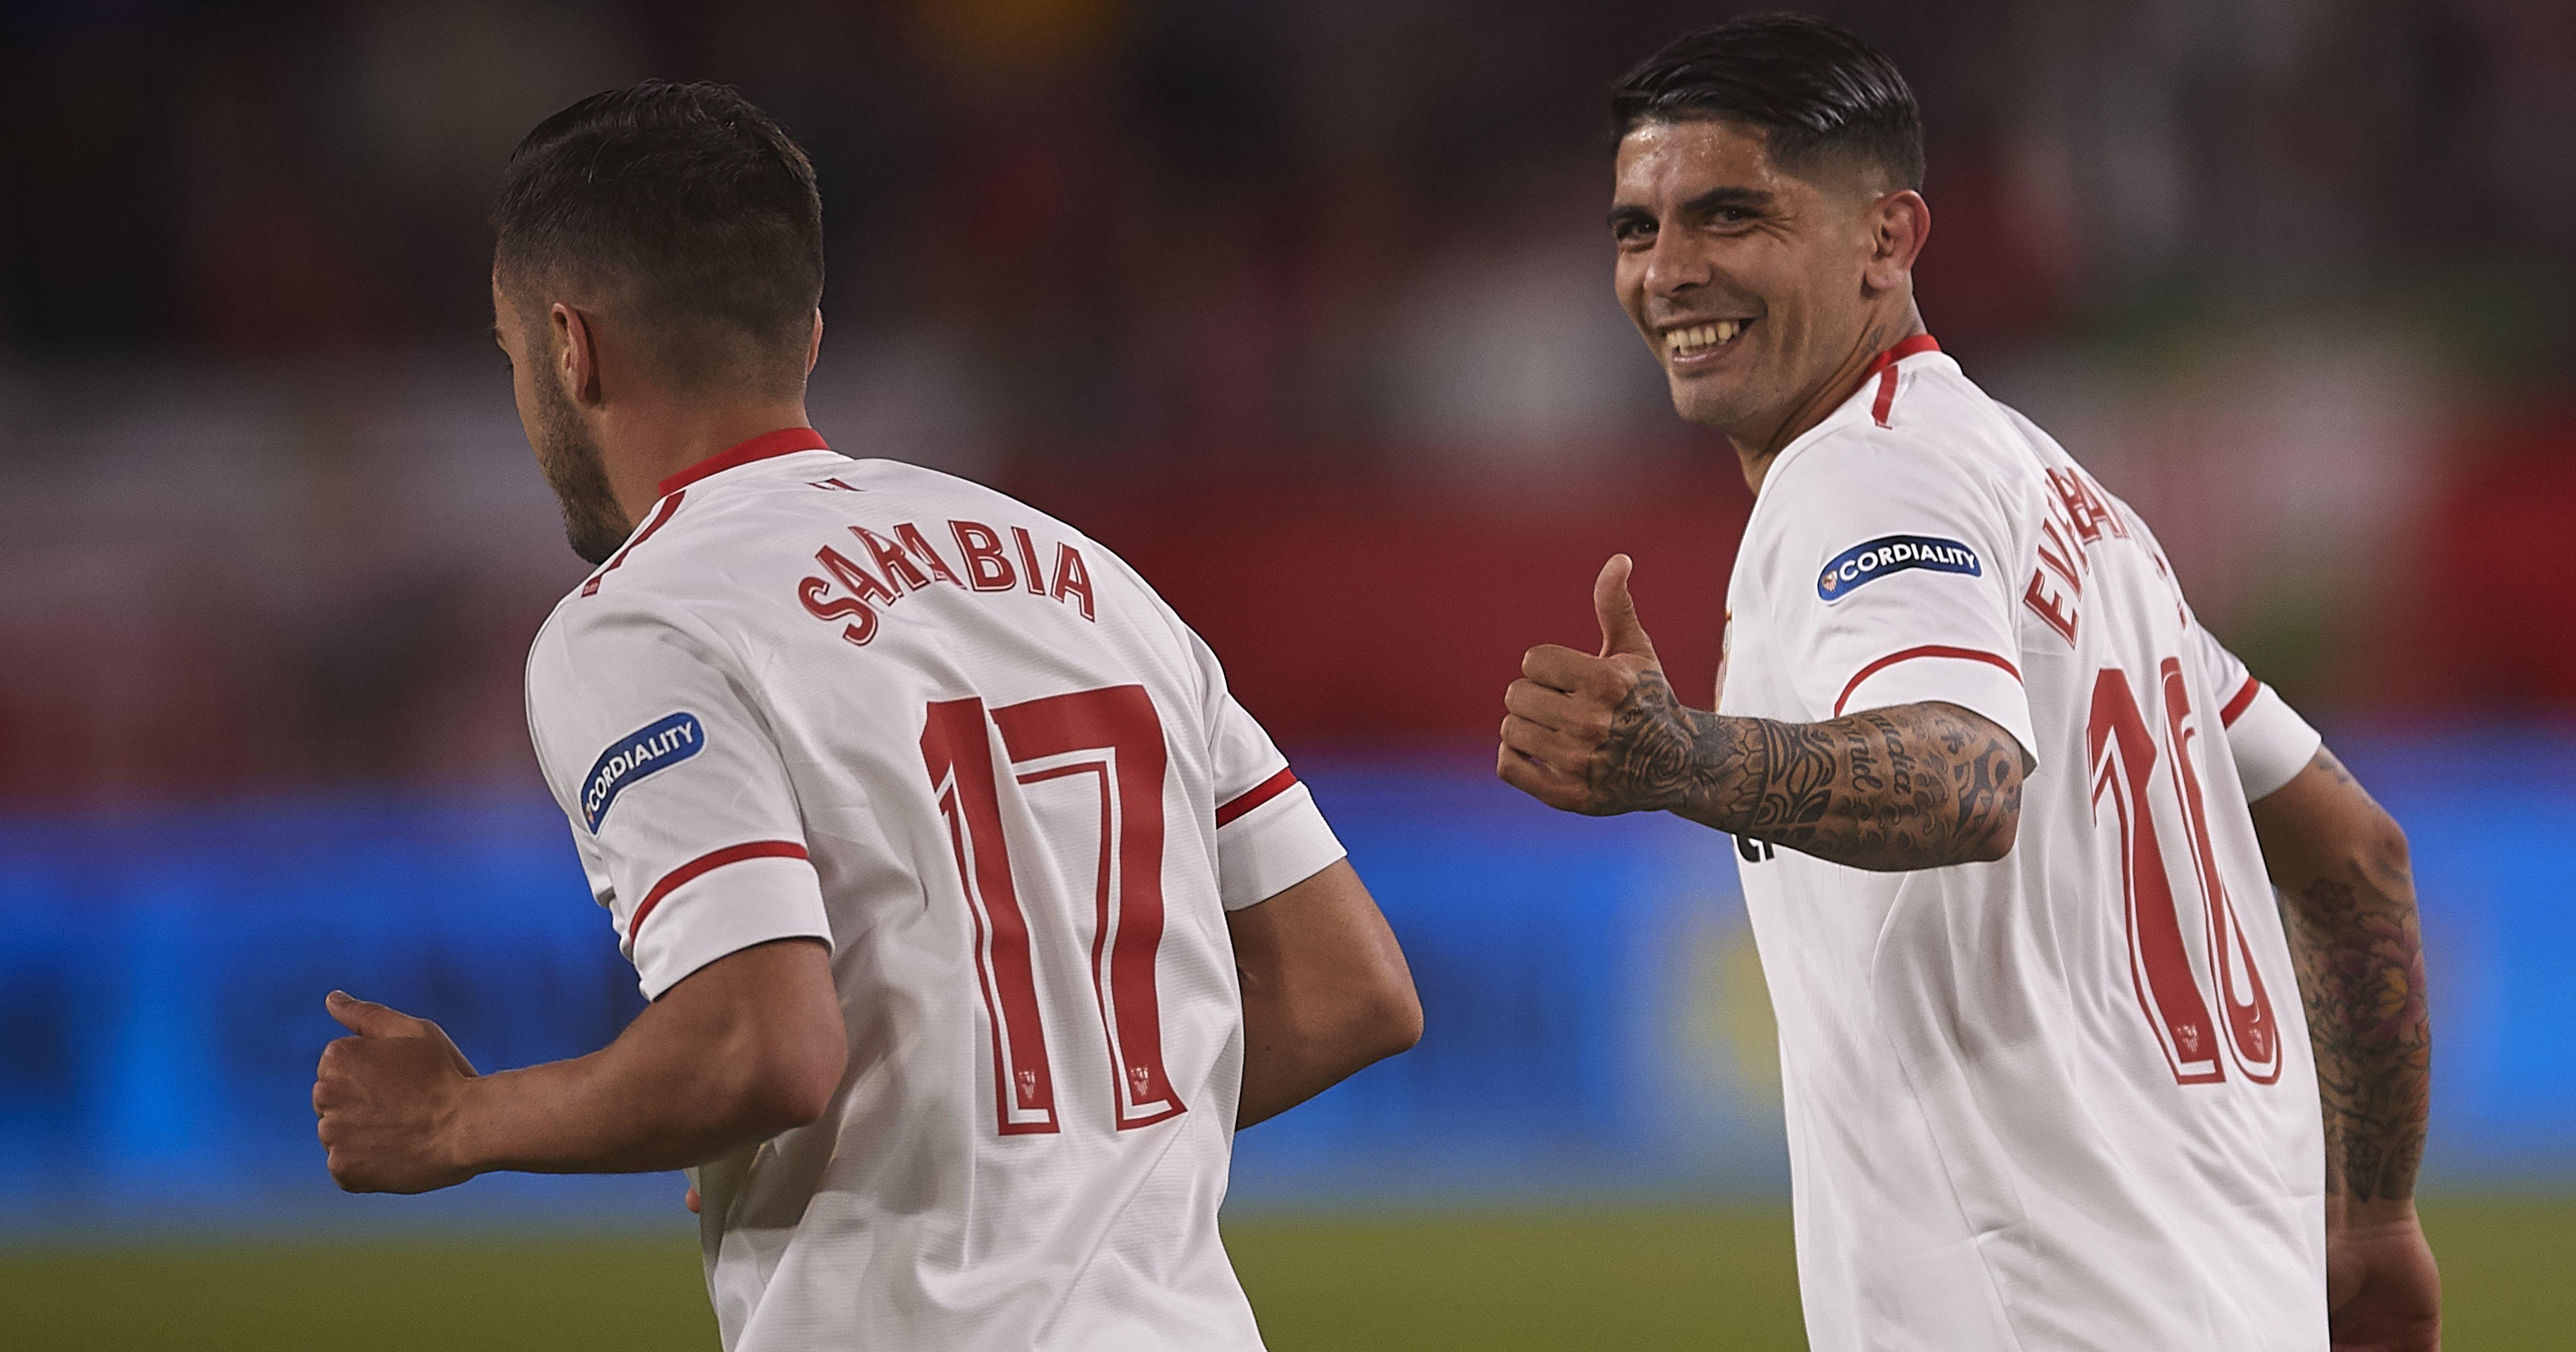 Sevilla, la tierra donde el Madrid de 'Zizou' perdió el invicto